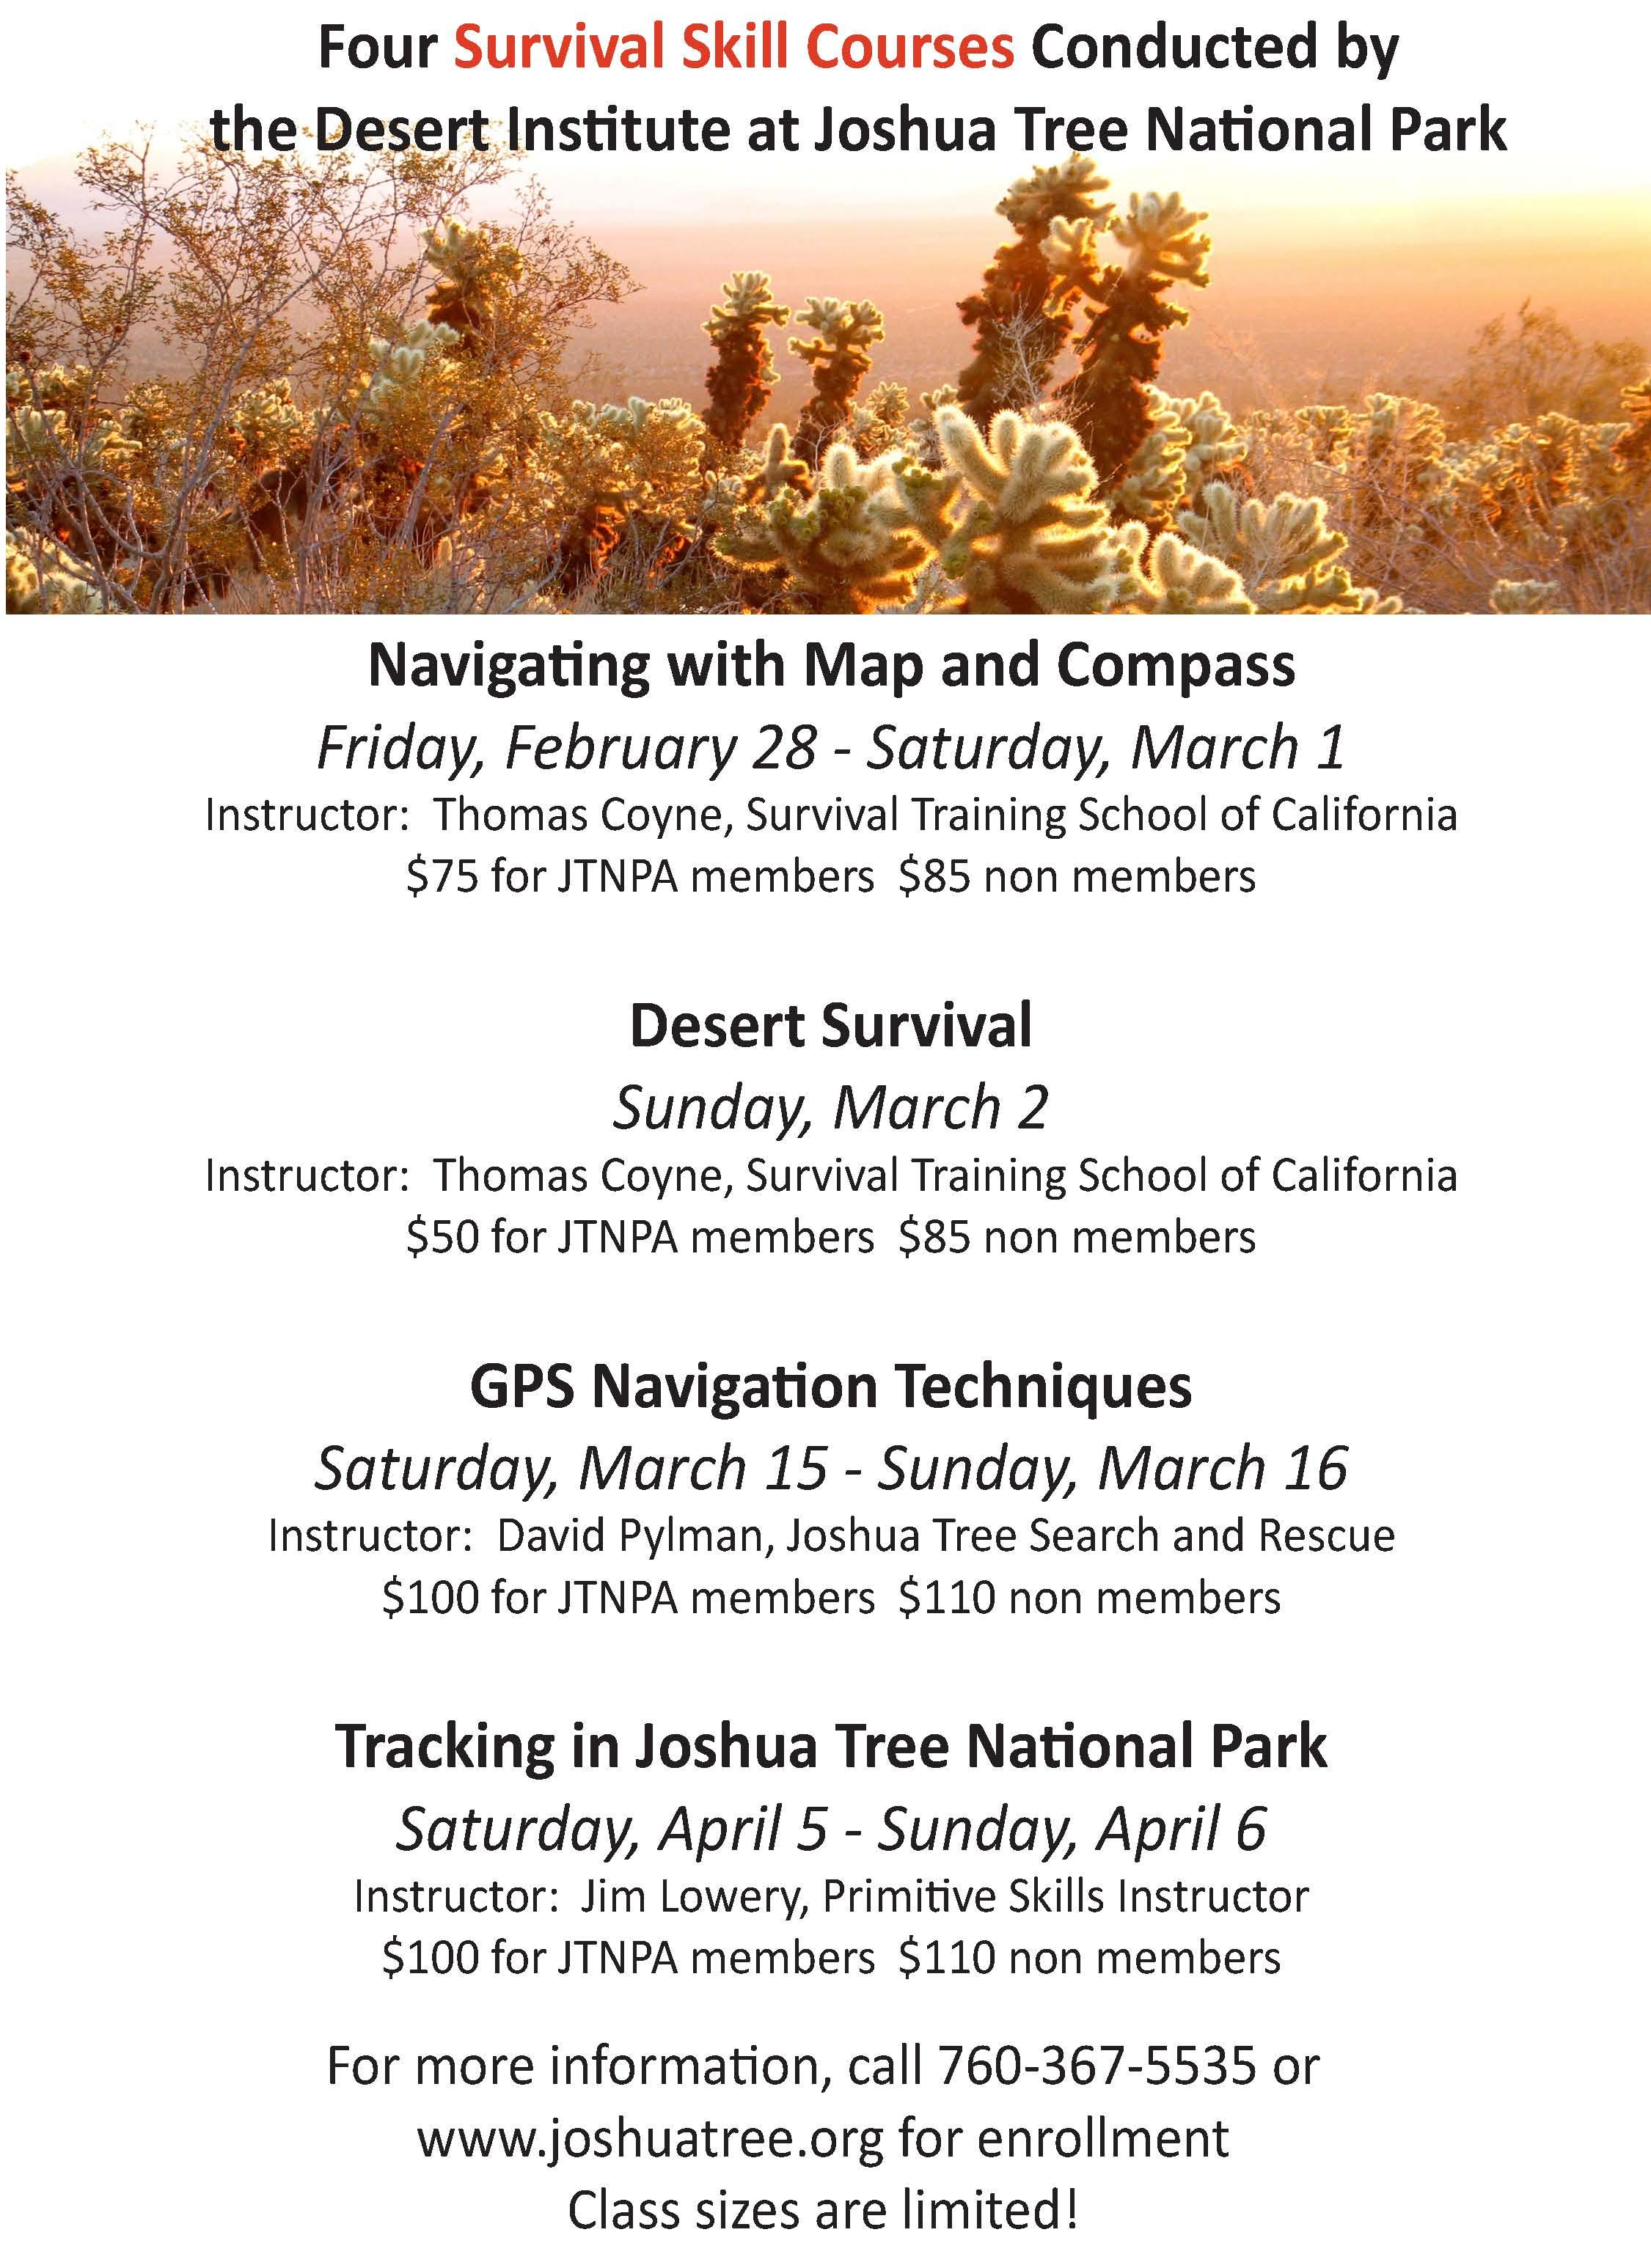 Desert Institute Offering Desert Survival Skills Classes